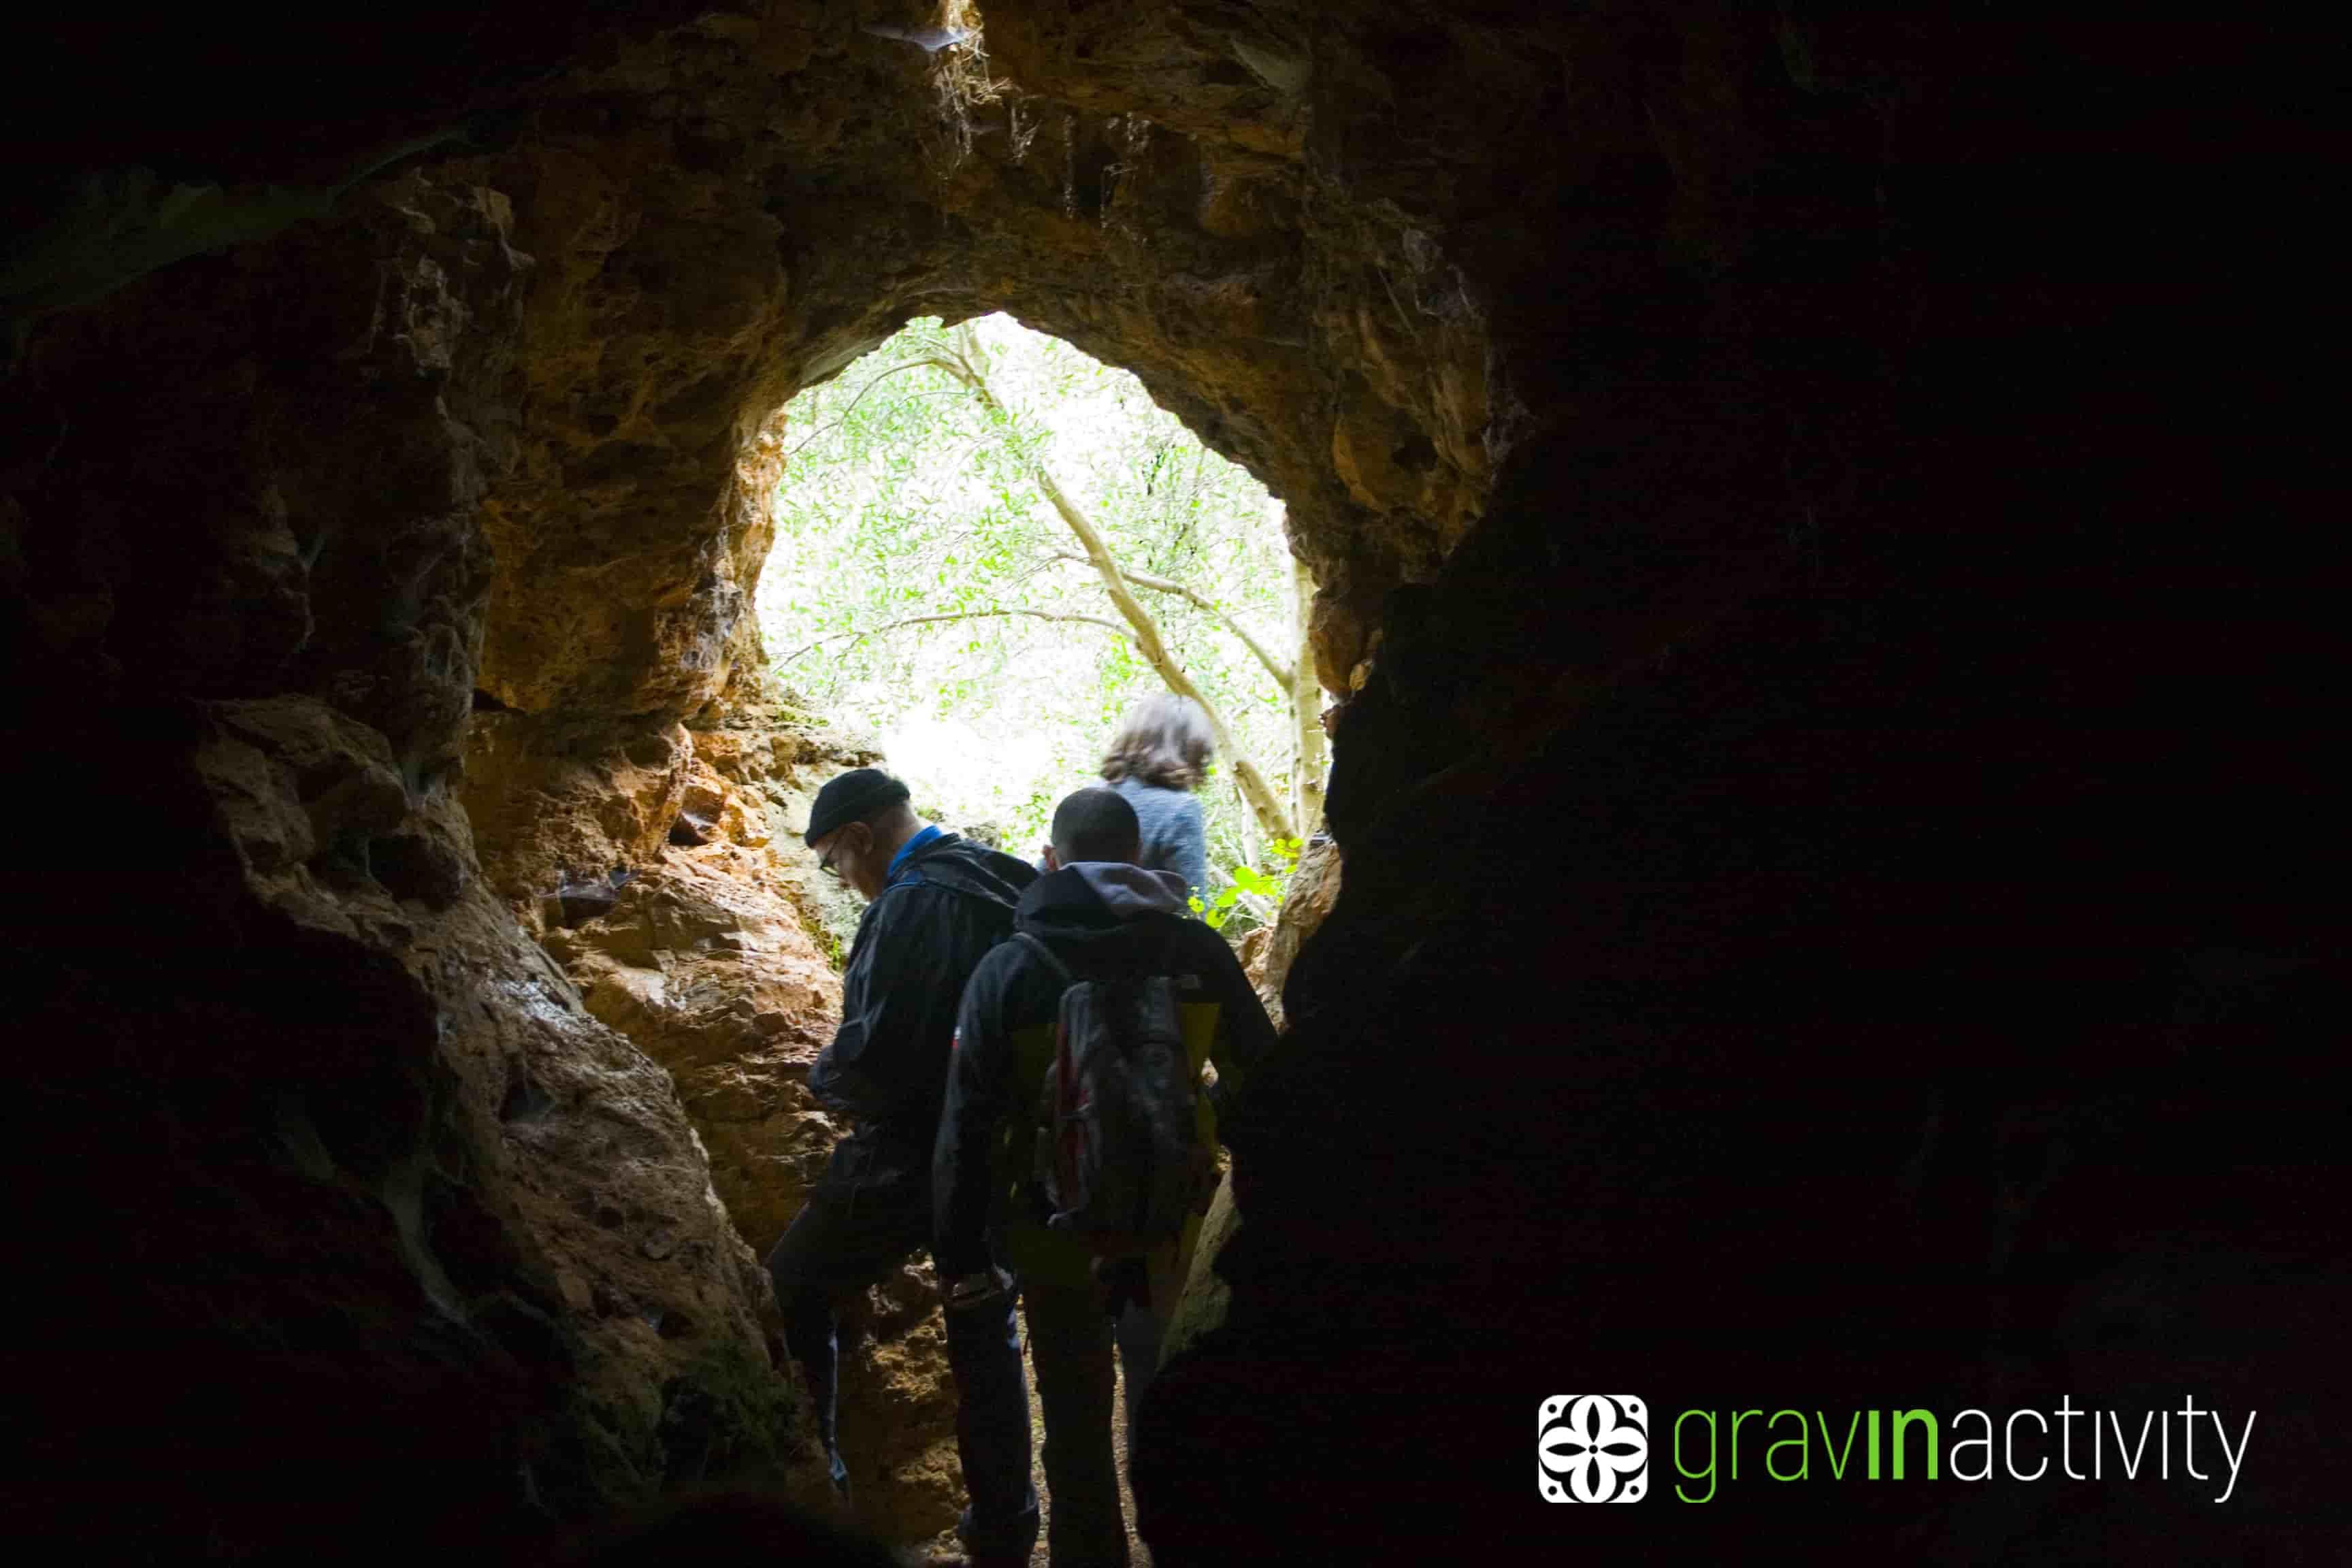 Gravina di Laterza, avventura in puglia, gravin, pingiovani, grotte, terra delle gravine